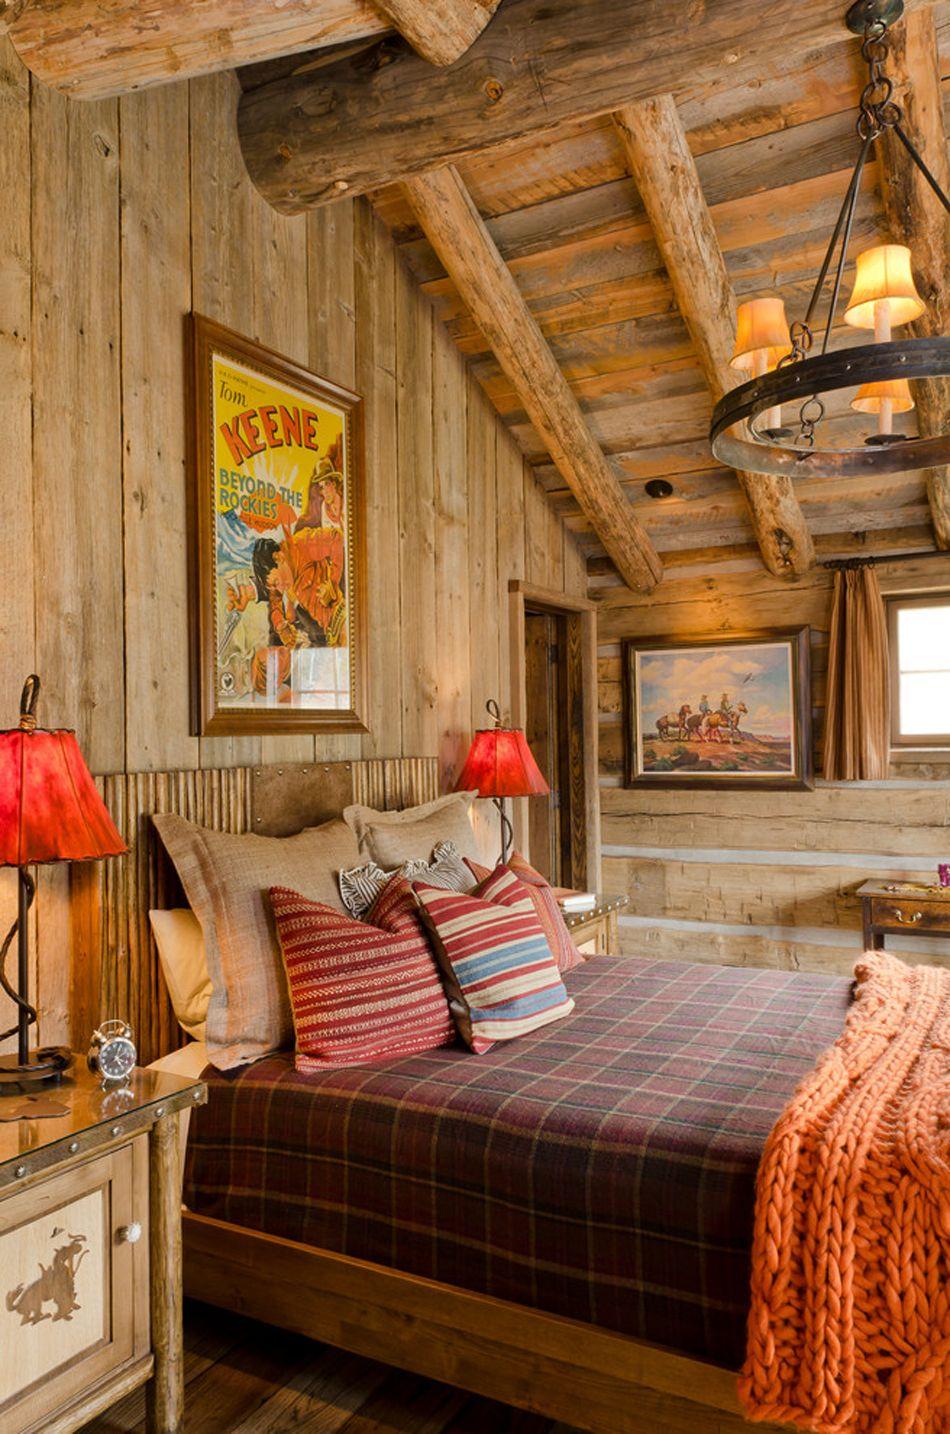 Bedrooms Lu0027affiche de film en tant quu0027accessoire